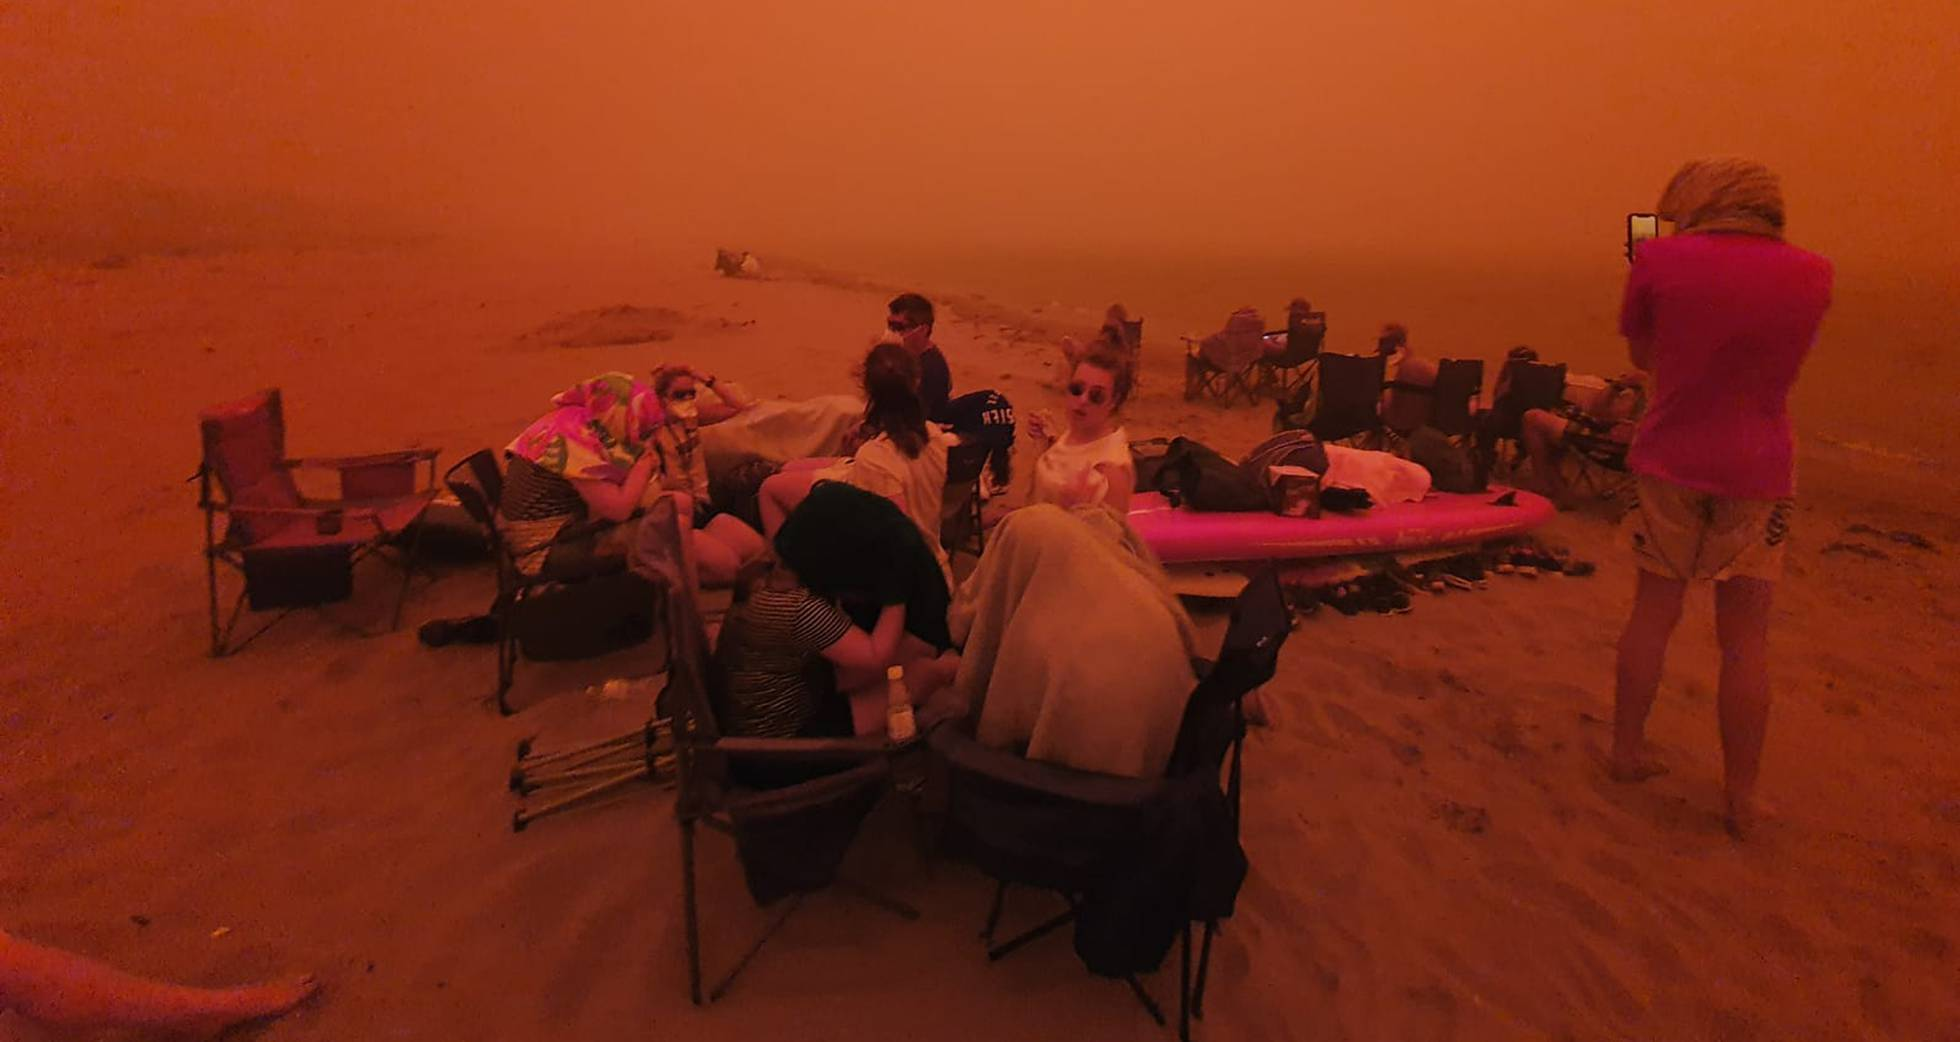 Australia declara estado de emergencia por incendios forestales